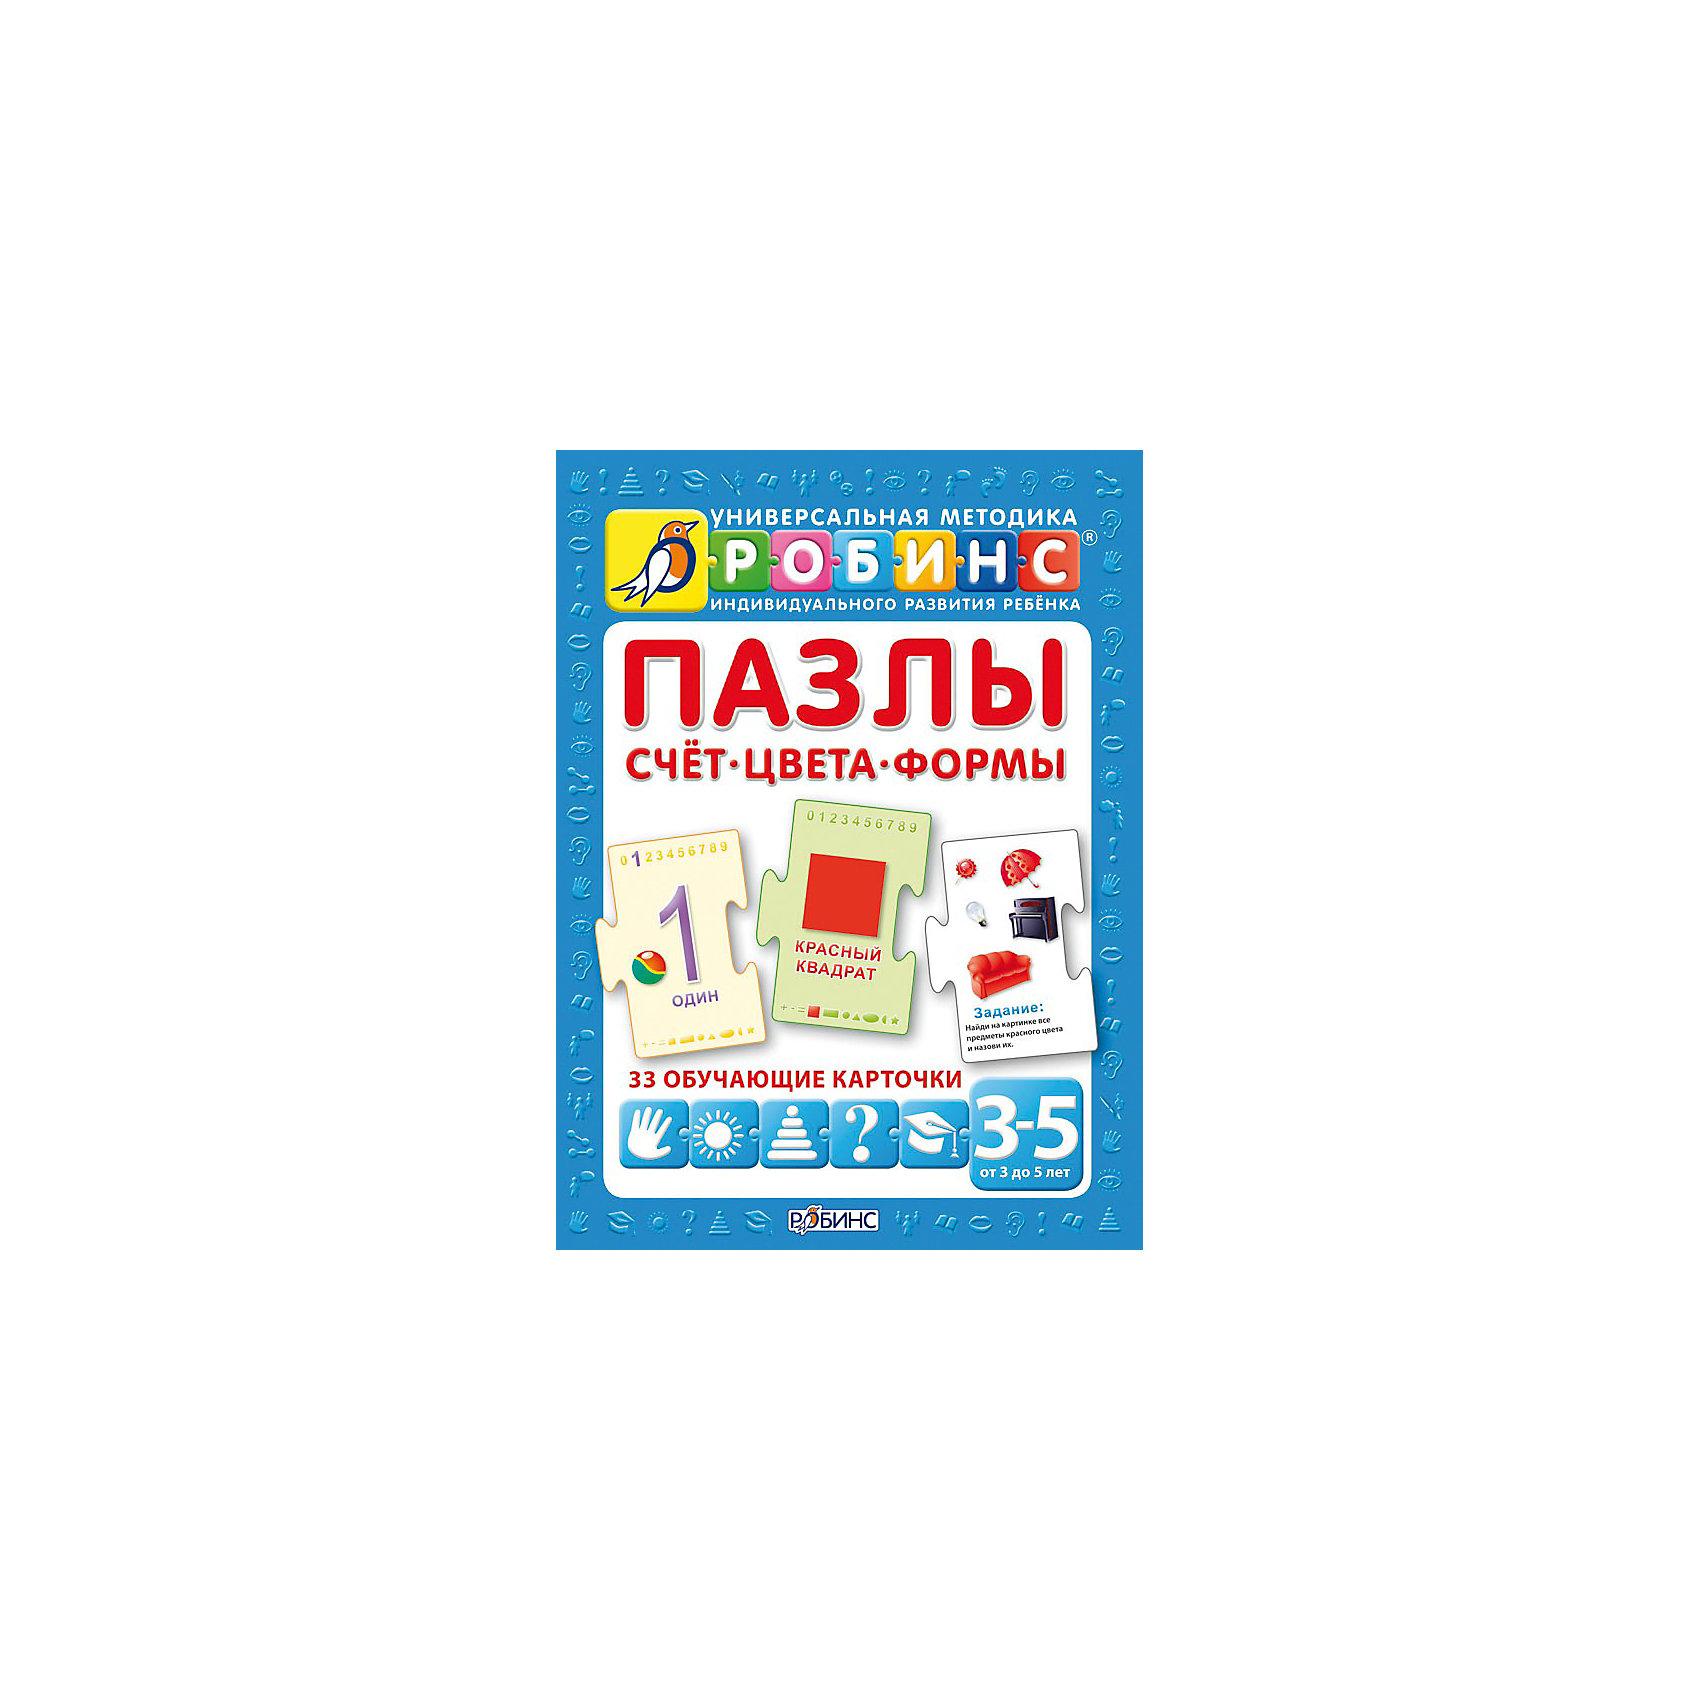 Карточки-пазлы Счет, цвета, формыПазлы счет, цвета, формы помогут Вашему малышу легко и быстро изучить цифры, цвета и формы, научиться считать. Набор включает в себя 20 карточек с цифрами от 0 до 9 (по 2 карточки на каждую цифру), 5 карточек со знаки +, - и =, а также 7 карточек с формами и цветами.<br>На передней сторонке пазла - большие цифры, которые ребенок может выкладывать в таком порядке, чтобы получать арифметическую последовательность, примеры и их решения. Сзади - арифметические задачи. Также есть карточки, которые позволяют ребенку лучше освоить цвета и формы. На обороте такой карточки - задания повышенной сложности на тренировку навыков счета и определения цвета.<br><br>Ширина мм: 110<br>Глубина мм: 35<br>Высота мм: 180<br>Вес г: 409<br>Возраст от месяцев: 36<br>Возраст до месяцев: 60<br>Пол: Унисекс<br>Возраст: Детский<br>SKU: 3098166